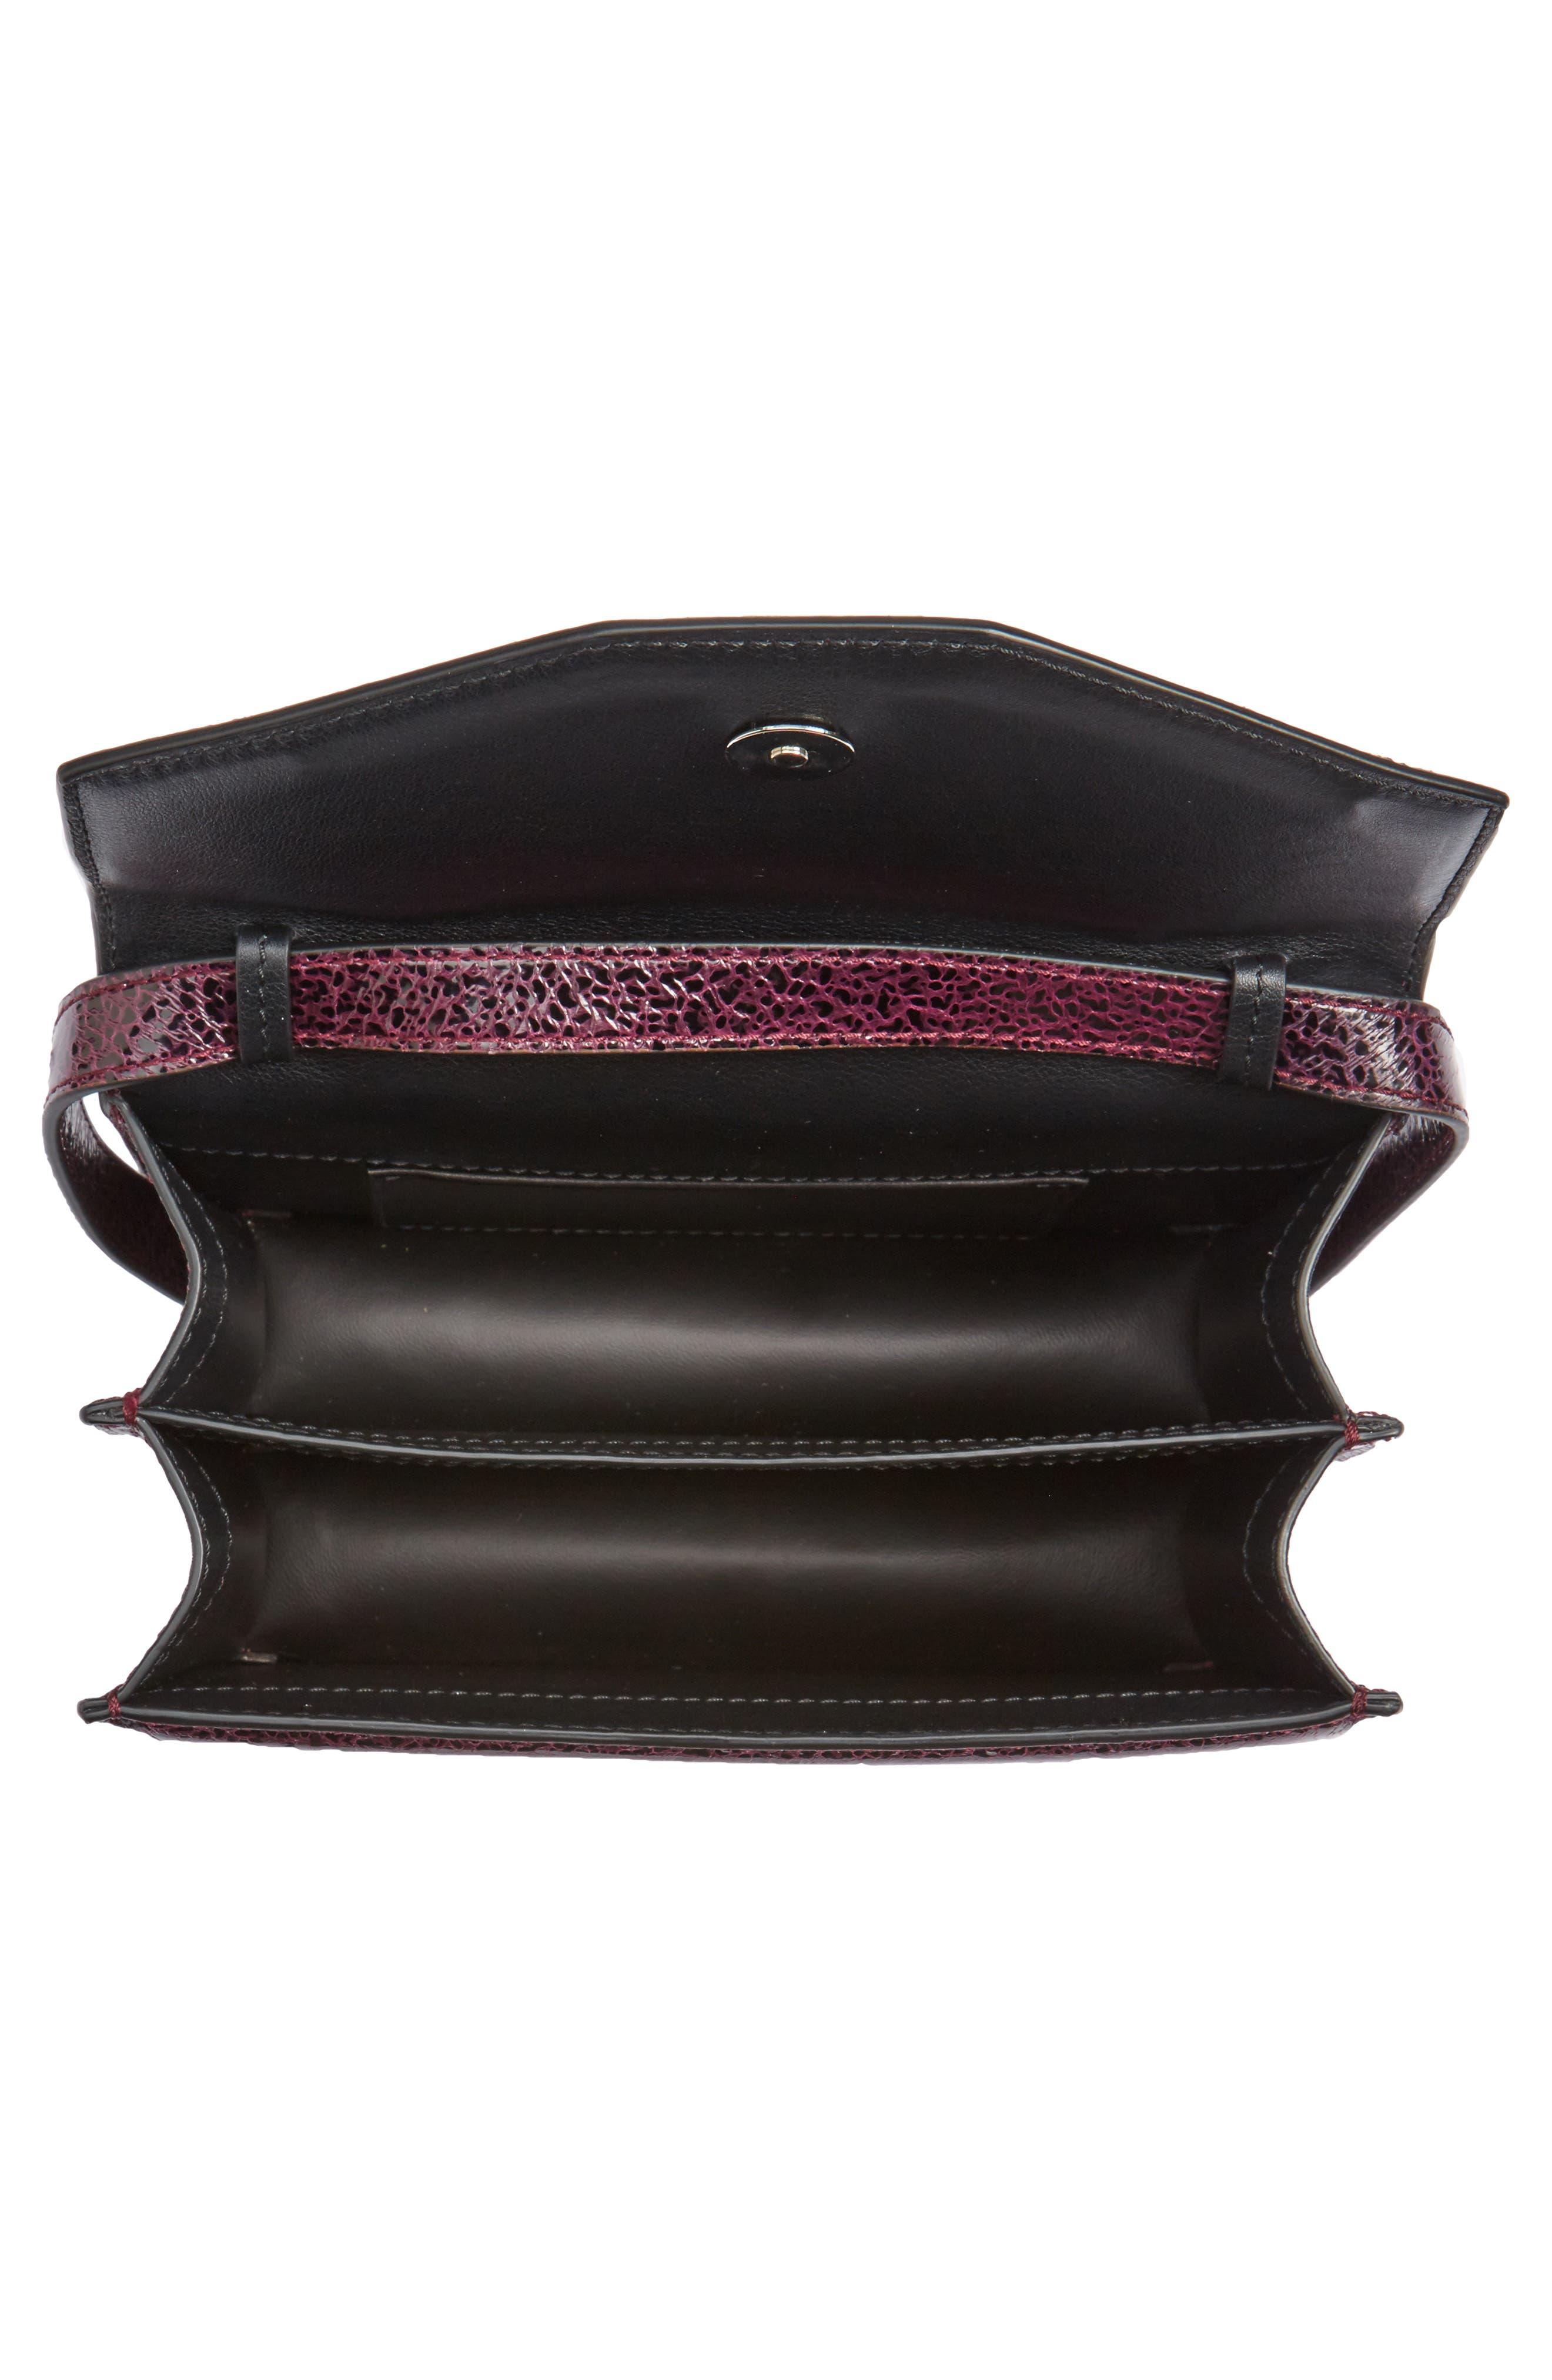 Indre Leather Shoulder Bag,                             Alternate thumbnail 4, color,                             930